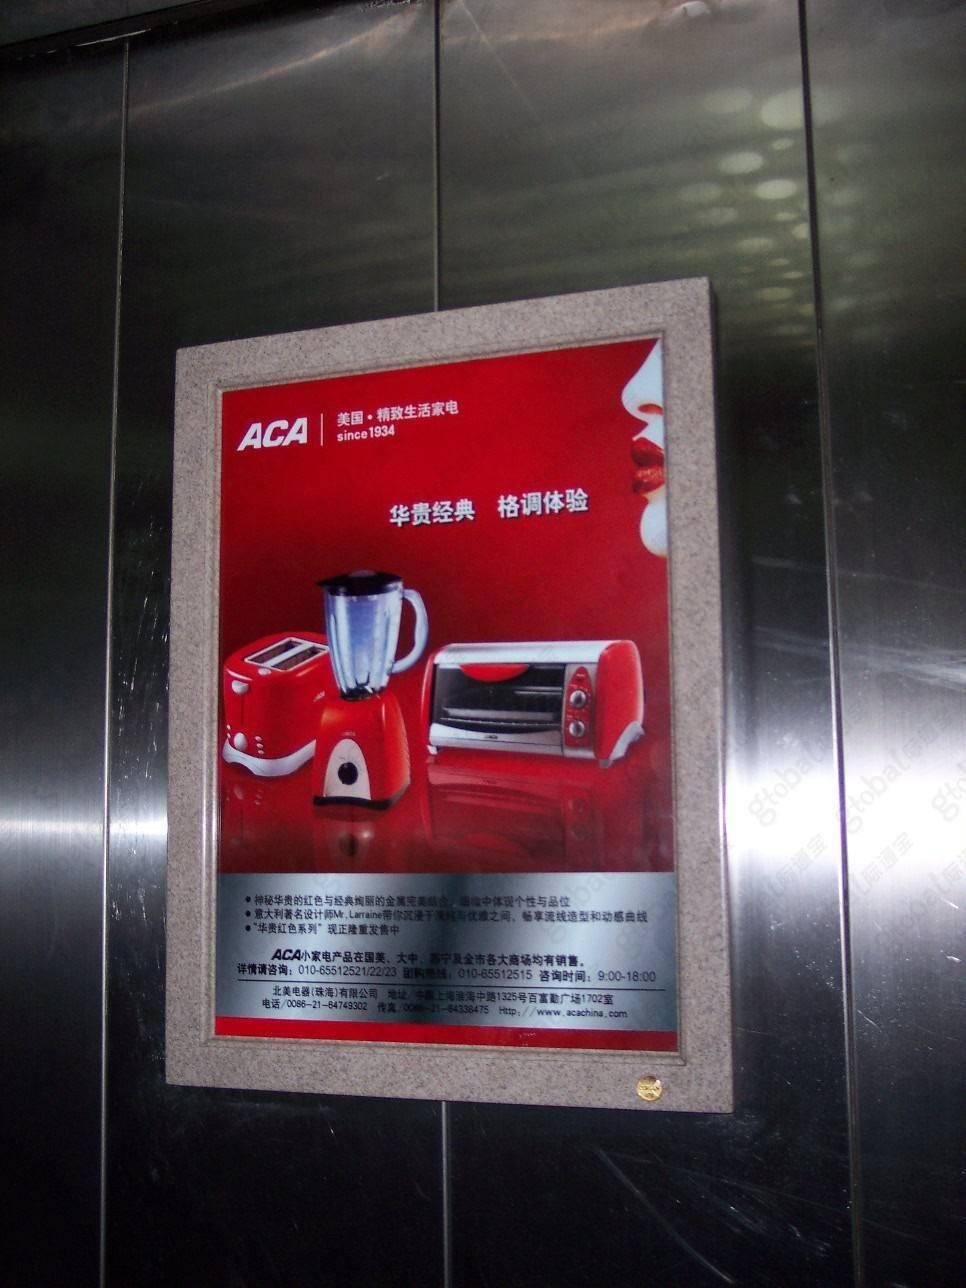 金华电梯广告公司广告牌框架3.0投放(100框起投)